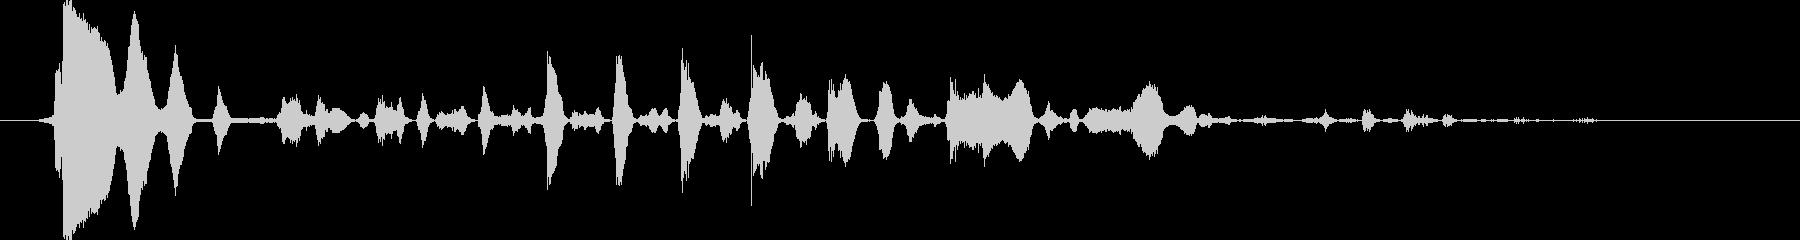 ロバ/ミュールブレイ、Snort。...の未再生の波形